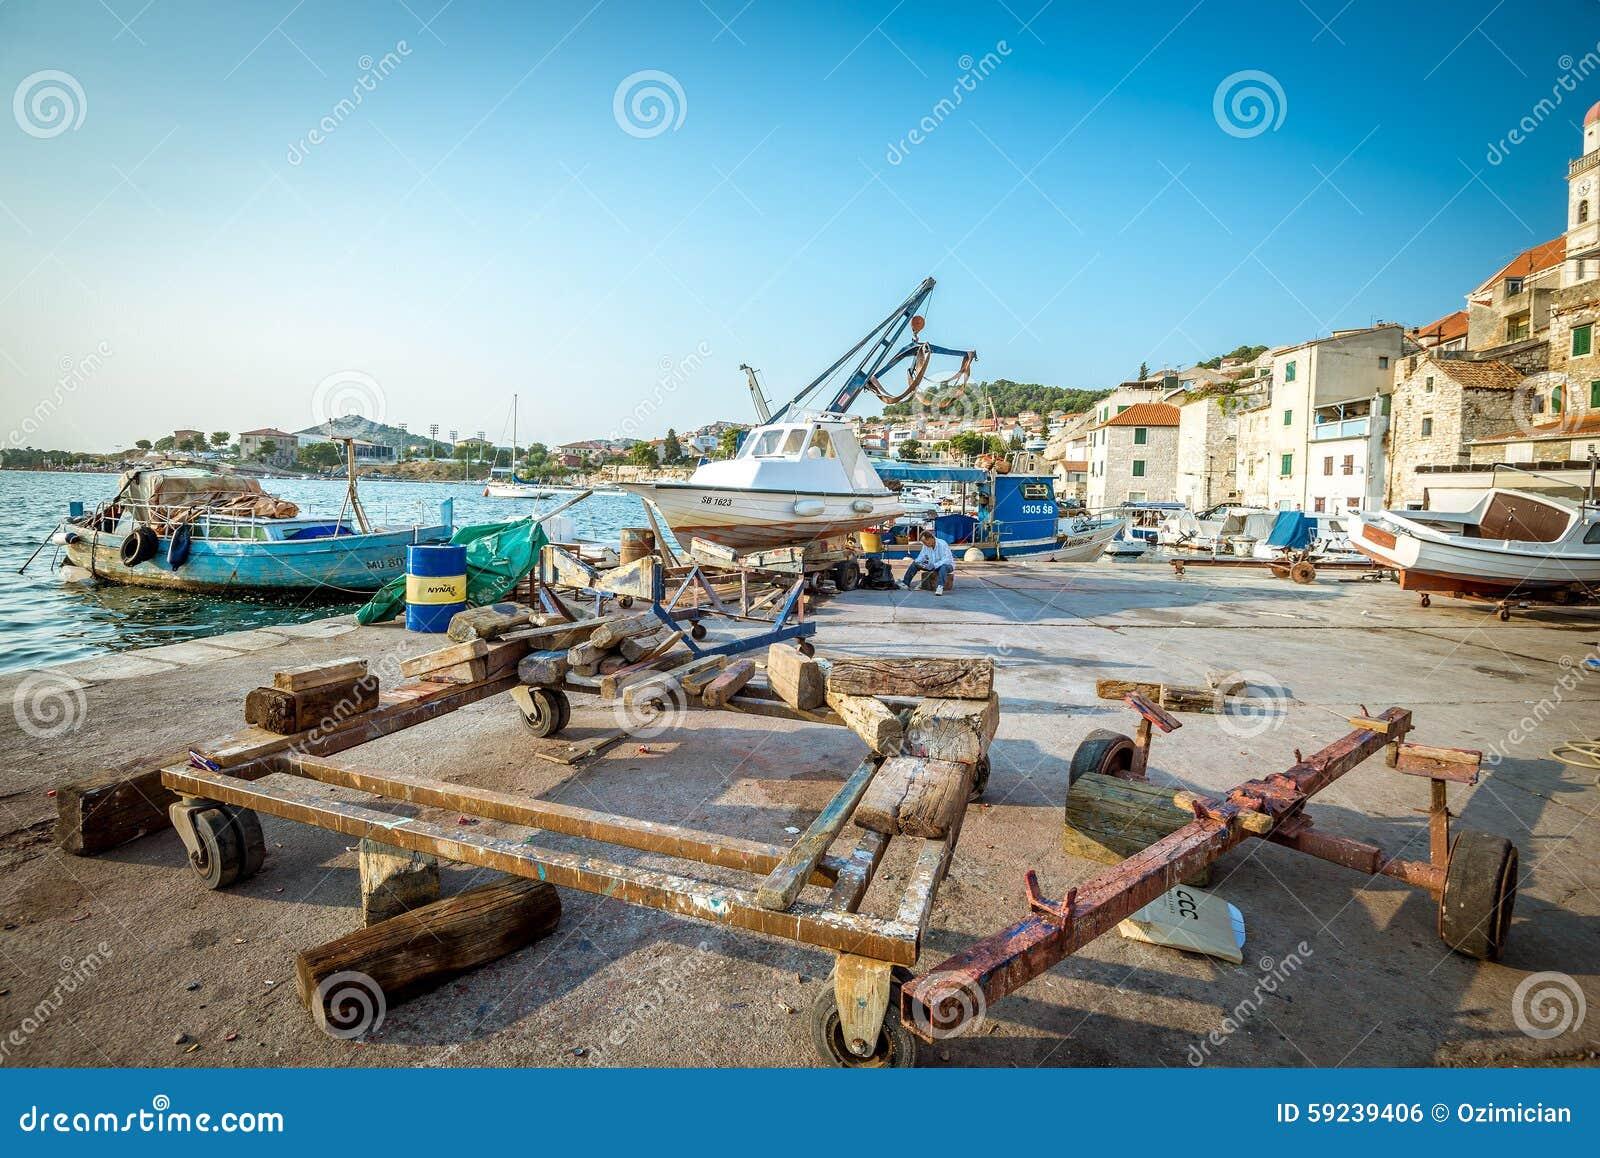 Download Barcos De Pesca En Pequeño Puerto En Sibenik, Croacia Foto editorial - Imagen de travesía, dalmatia: 59239406